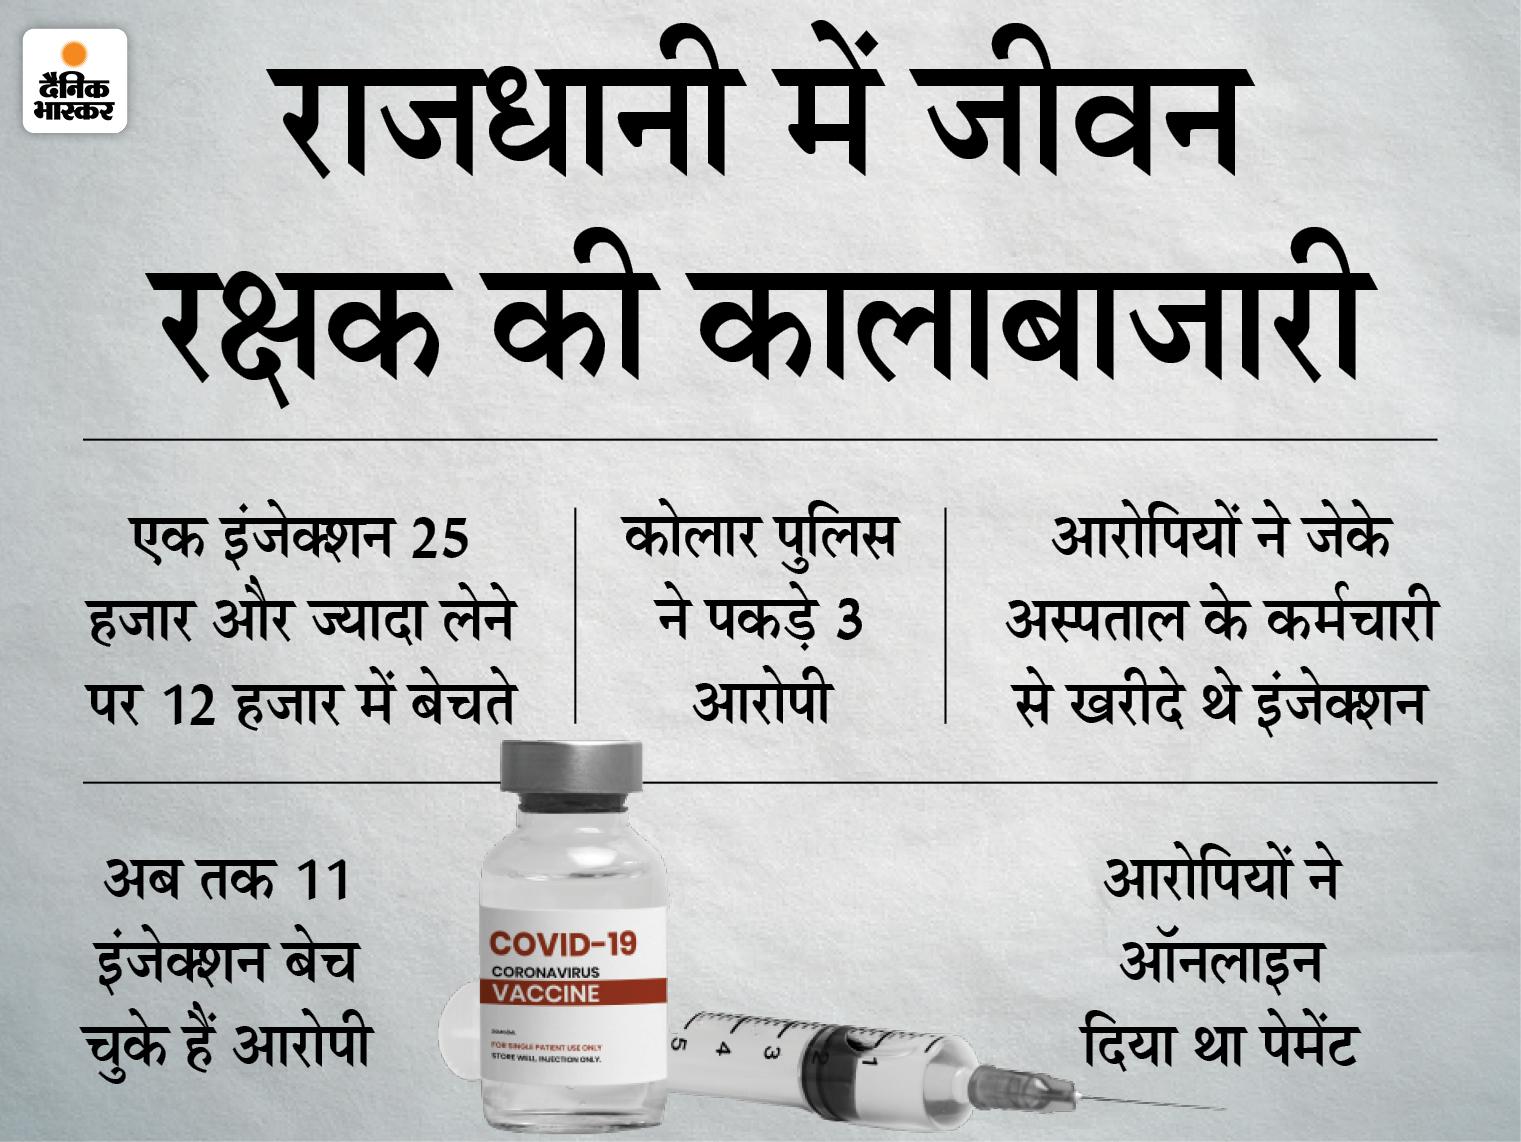 जेके अस्पताल के कर्मचारी से इंदौर सीट कवर वाले ने 15 दिन में 11 इंजेक्शन खरीदे ; कार से ग्राहक खोज रहे तीन आरोपियों से 5 इंजेक्शन मिले|भोपाल,Bhopal - Dainik Bhaskar